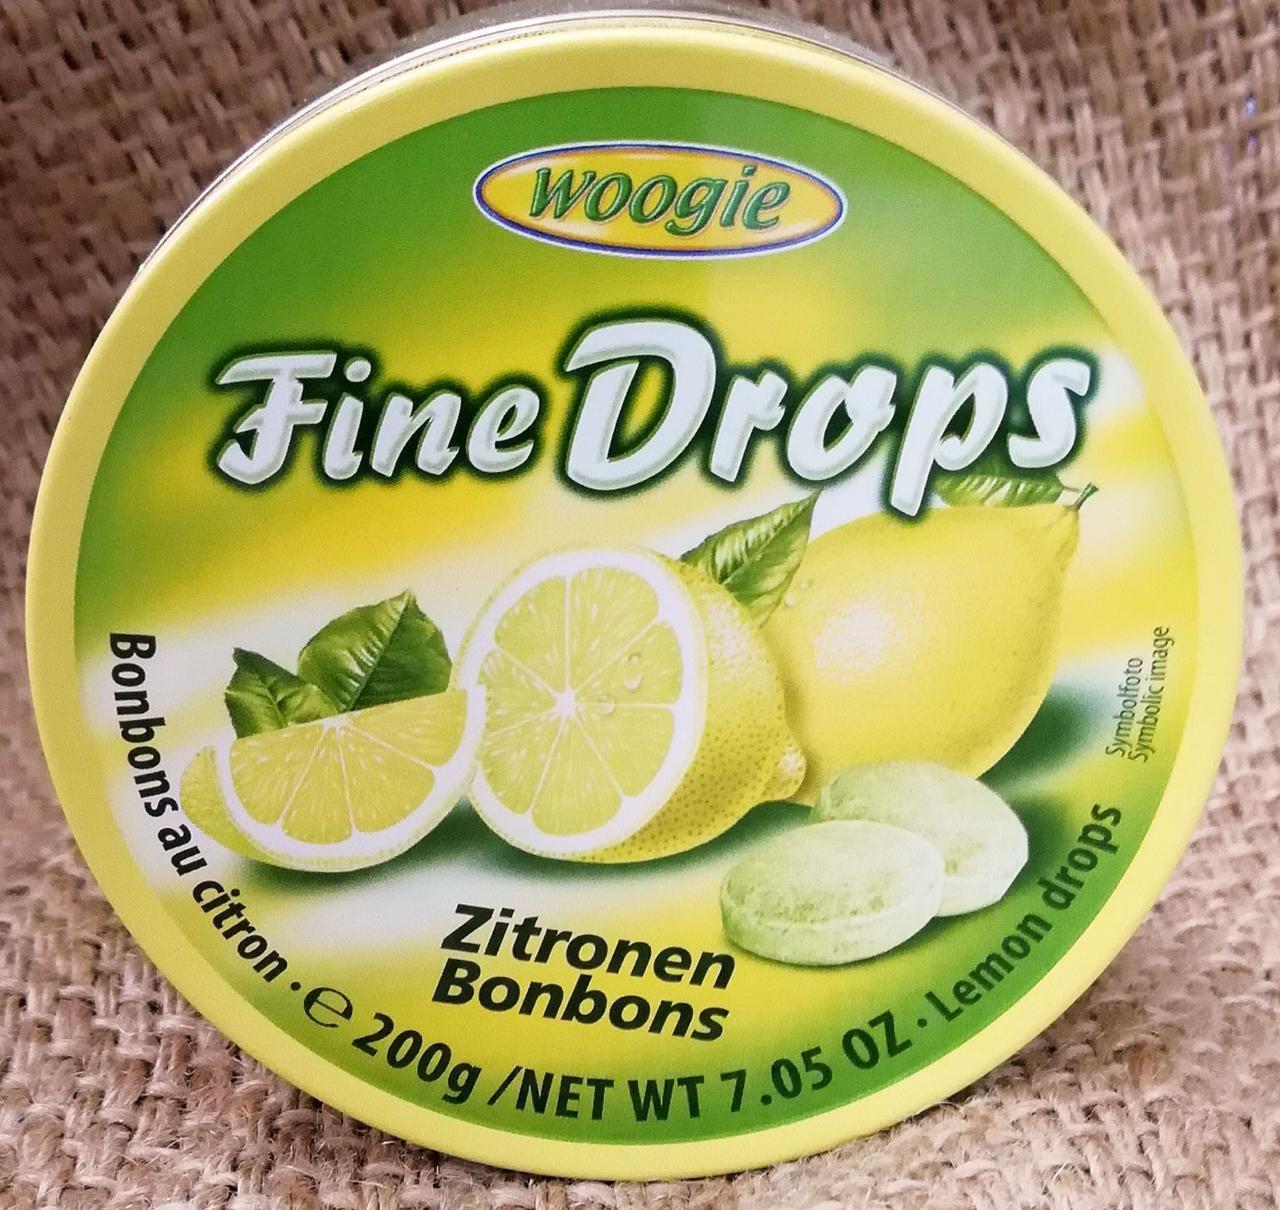 Woogie Fine Drops Zitronen